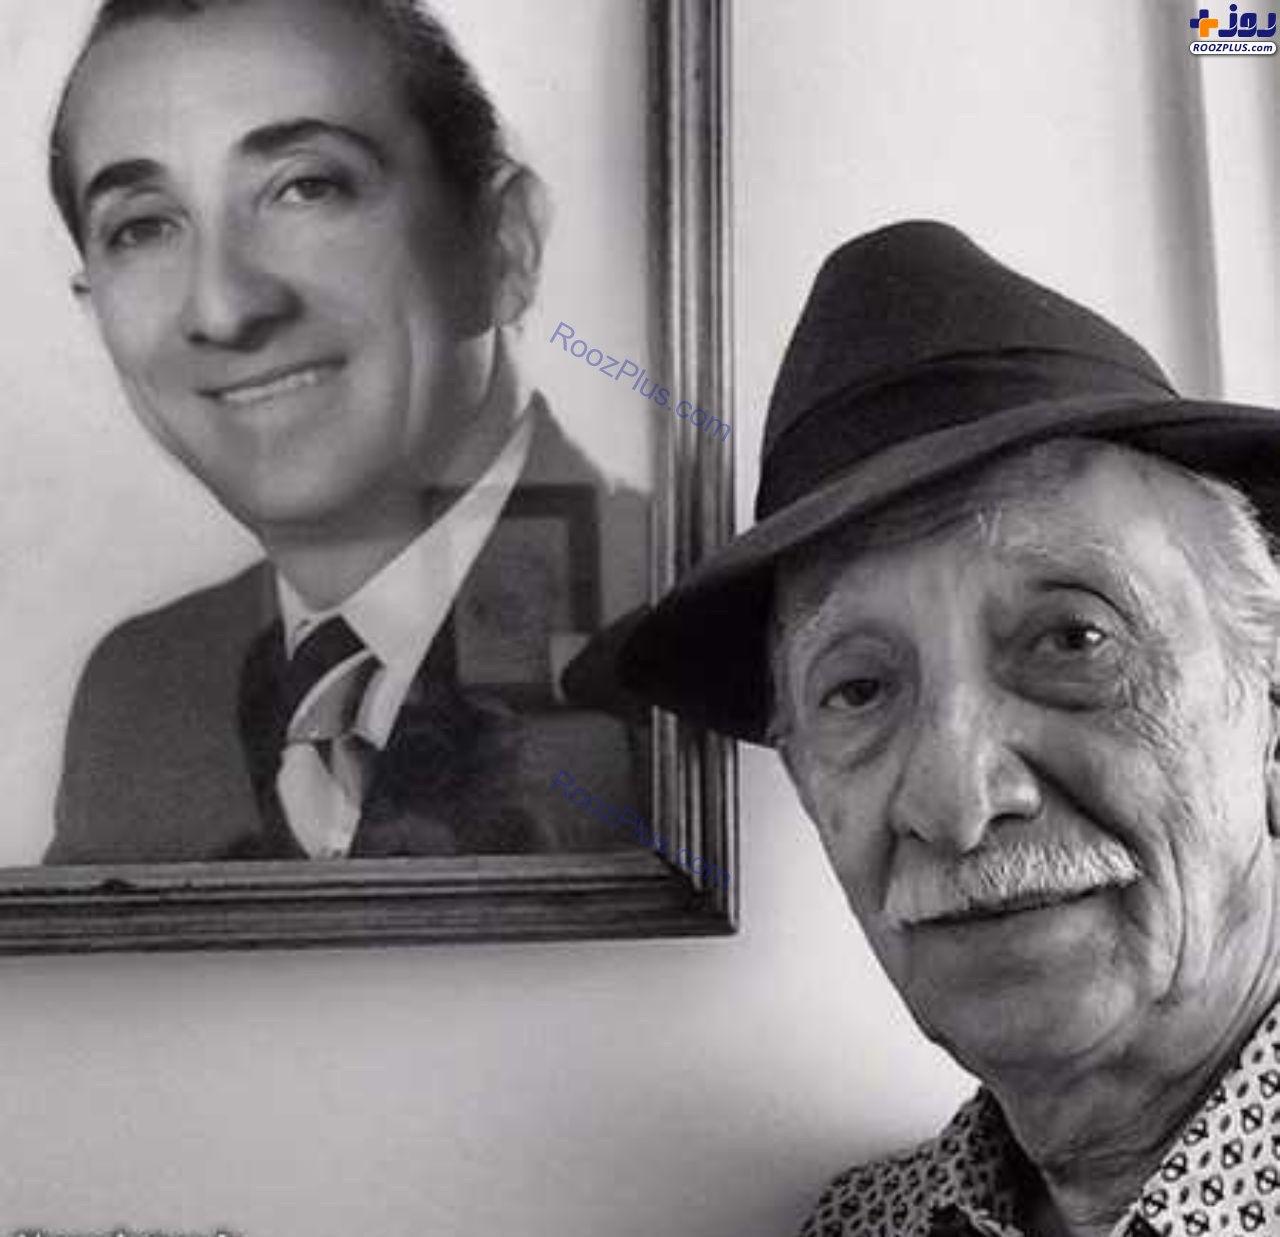 عکس/مرحوم داریوش اسدزاده از دیروز تا امروز